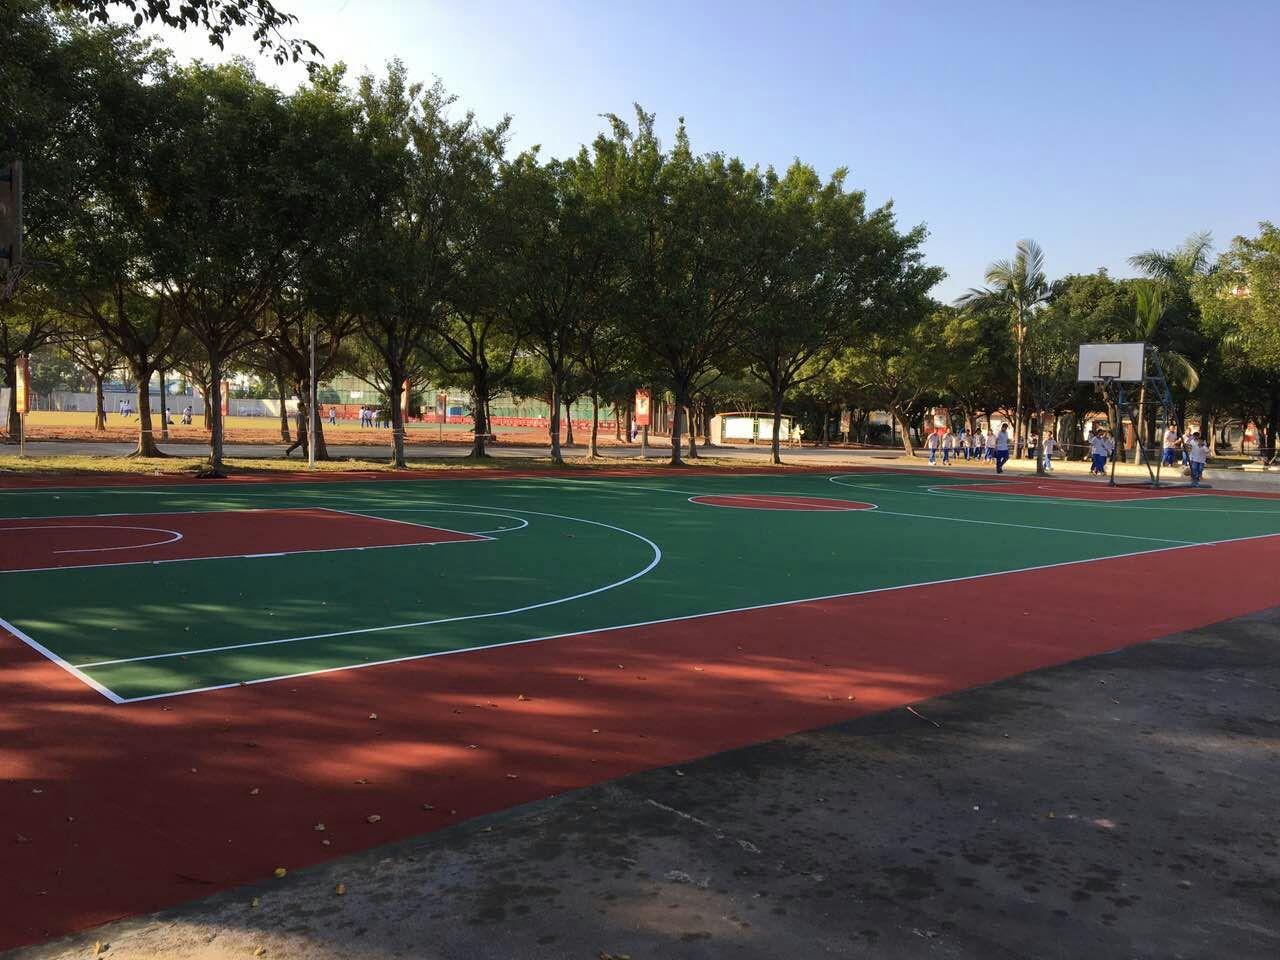 中山市黄圃镇马新工业区,马新人数丙烯酸篮球中学中山小学生图片